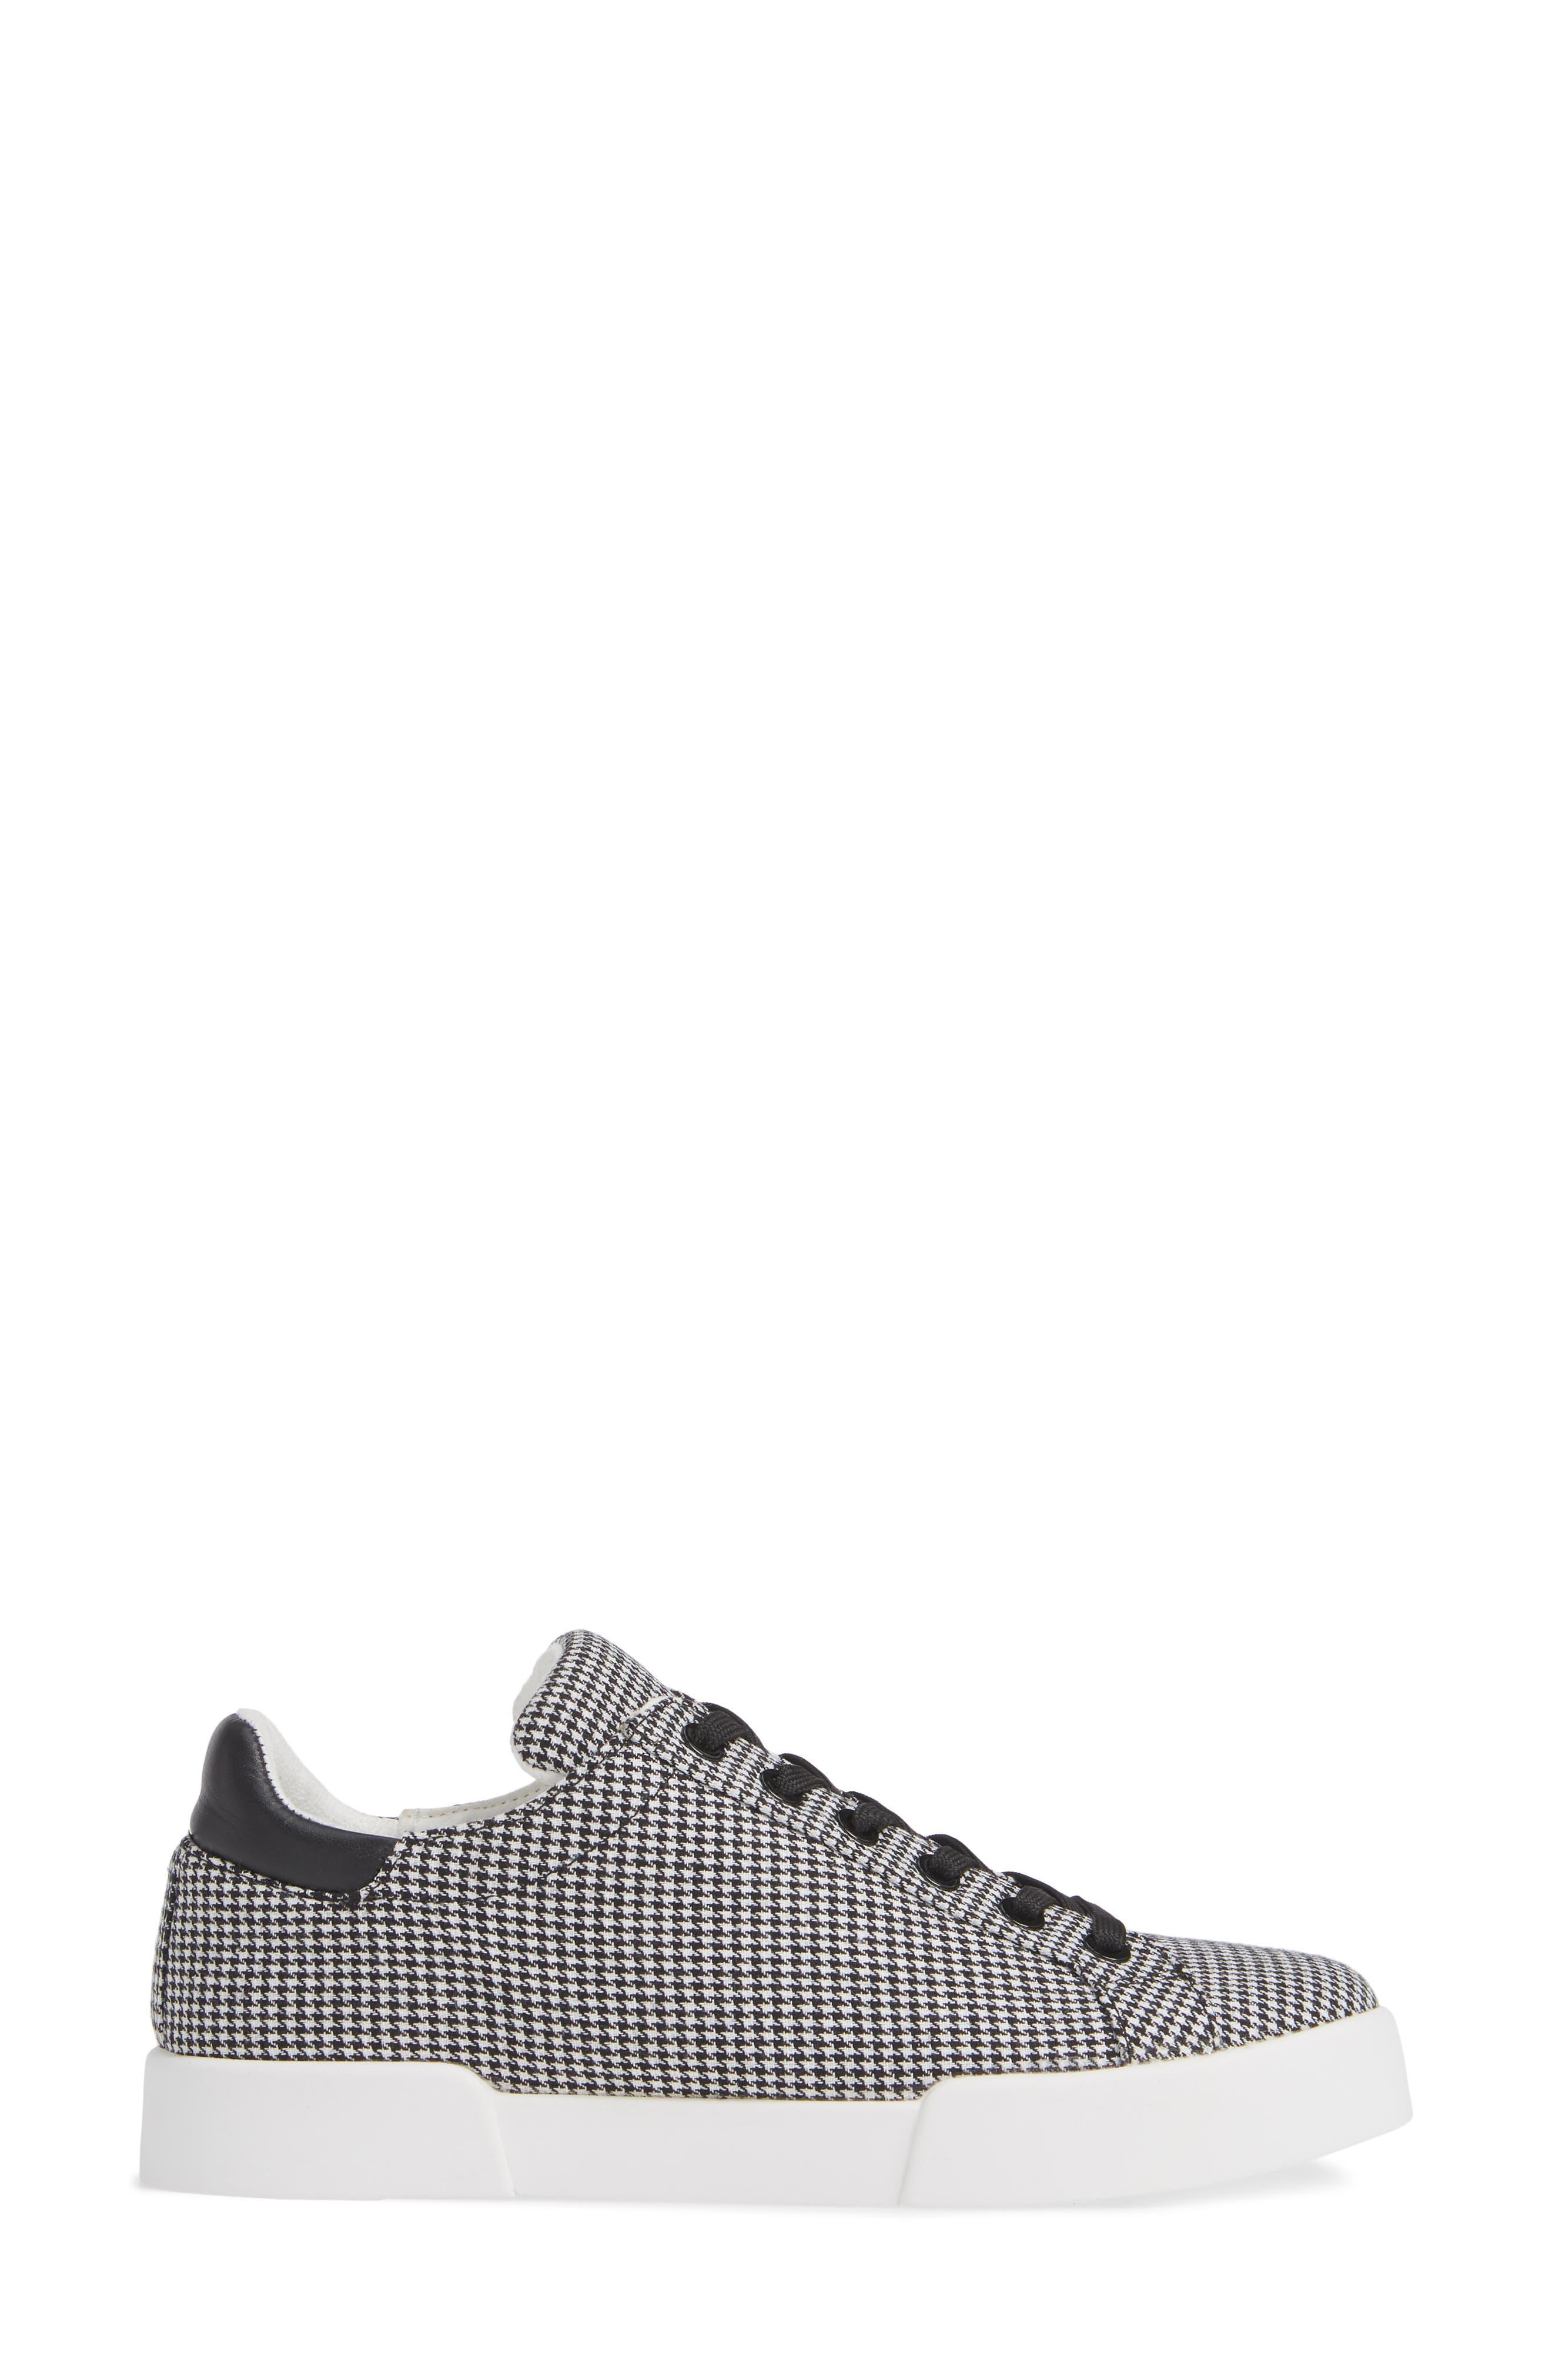 Tyler Sneaker,                             Alternate thumbnail 3, color,                             BLACK/ WHITE FABRIC